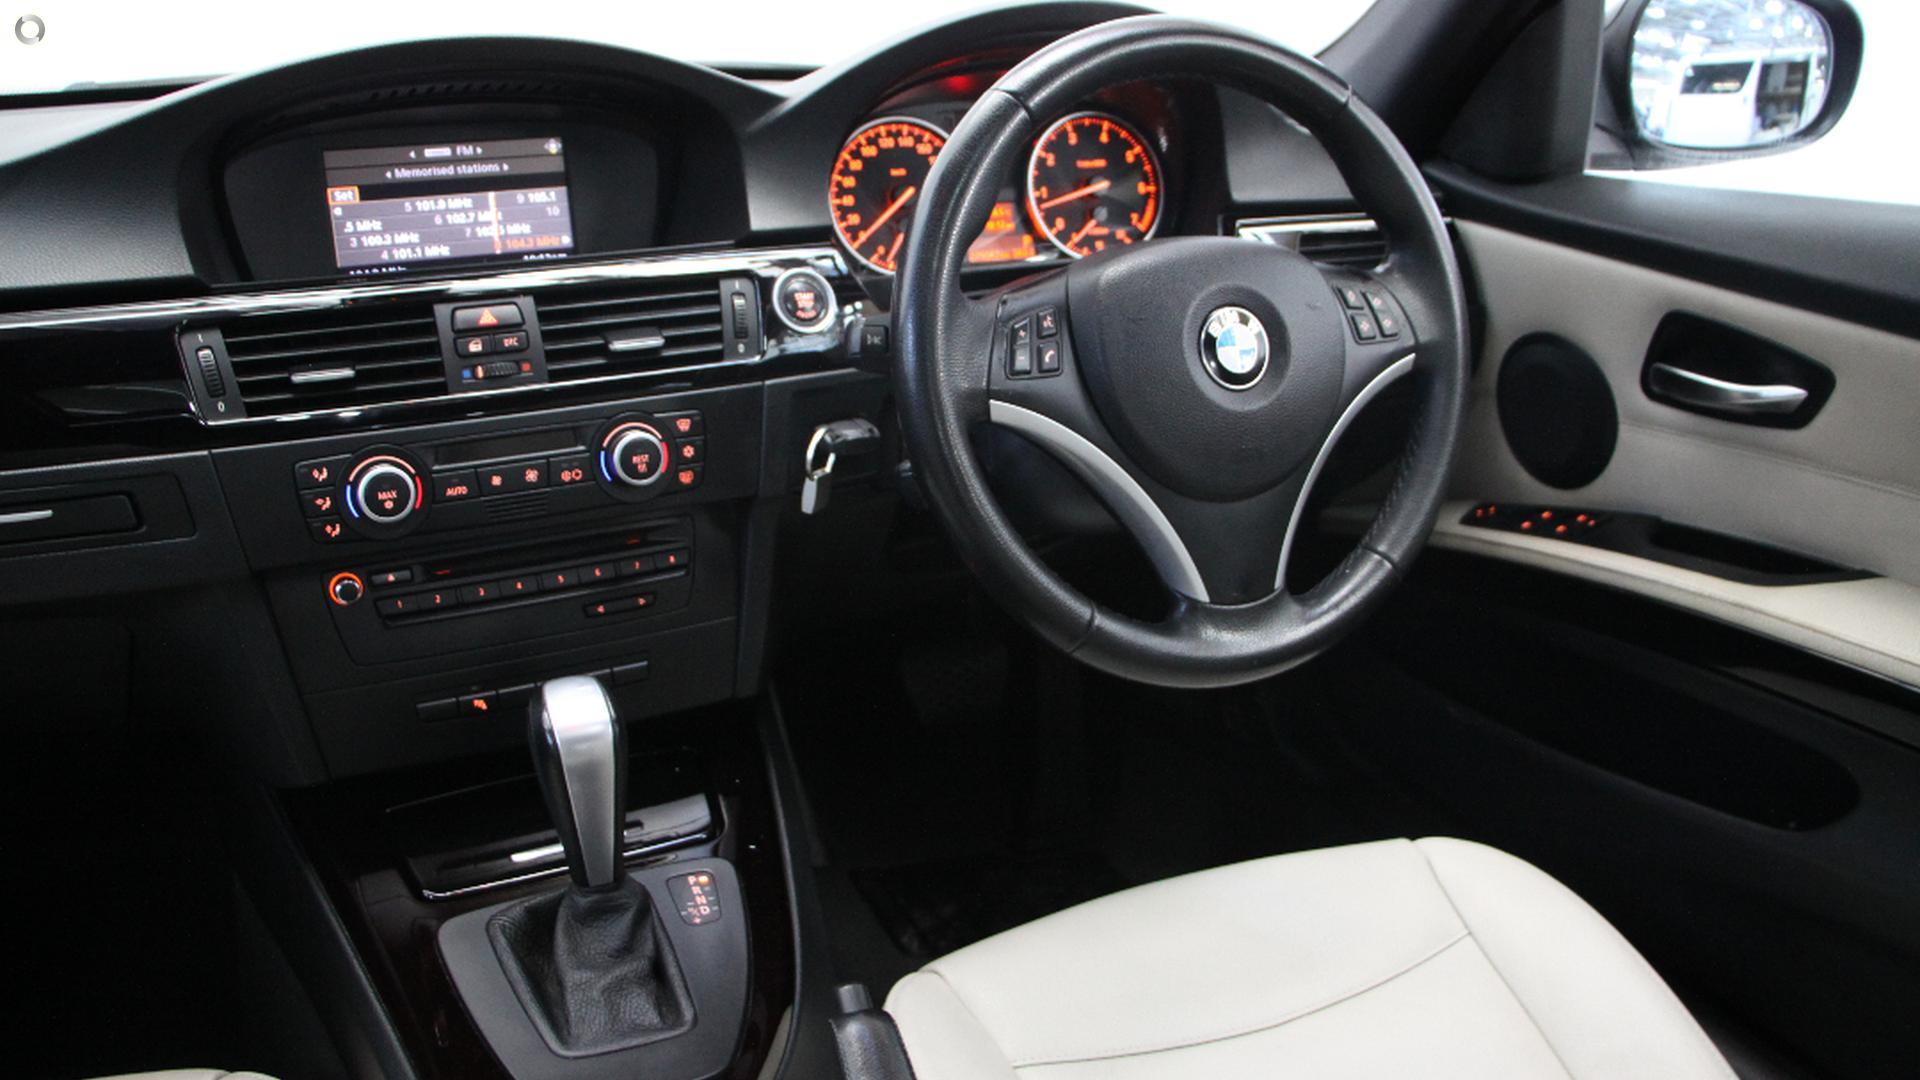 2009 BMW 320i Executive E90